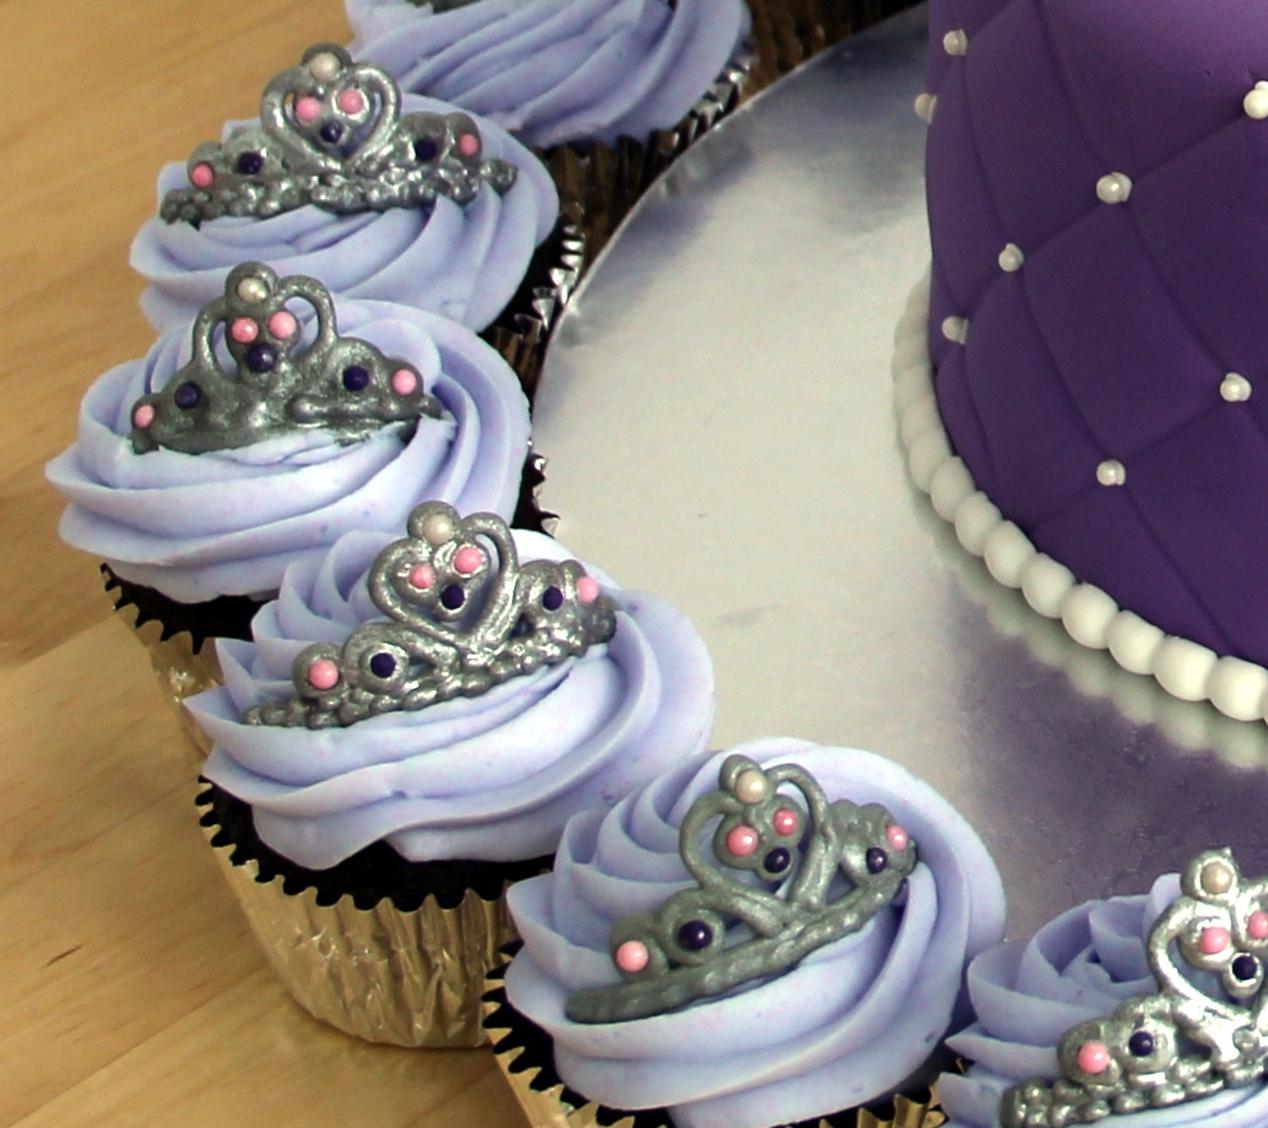 Cupcake Cake Design Templates : Tiara (Crown) Cupcake Template - CakeCentral.com